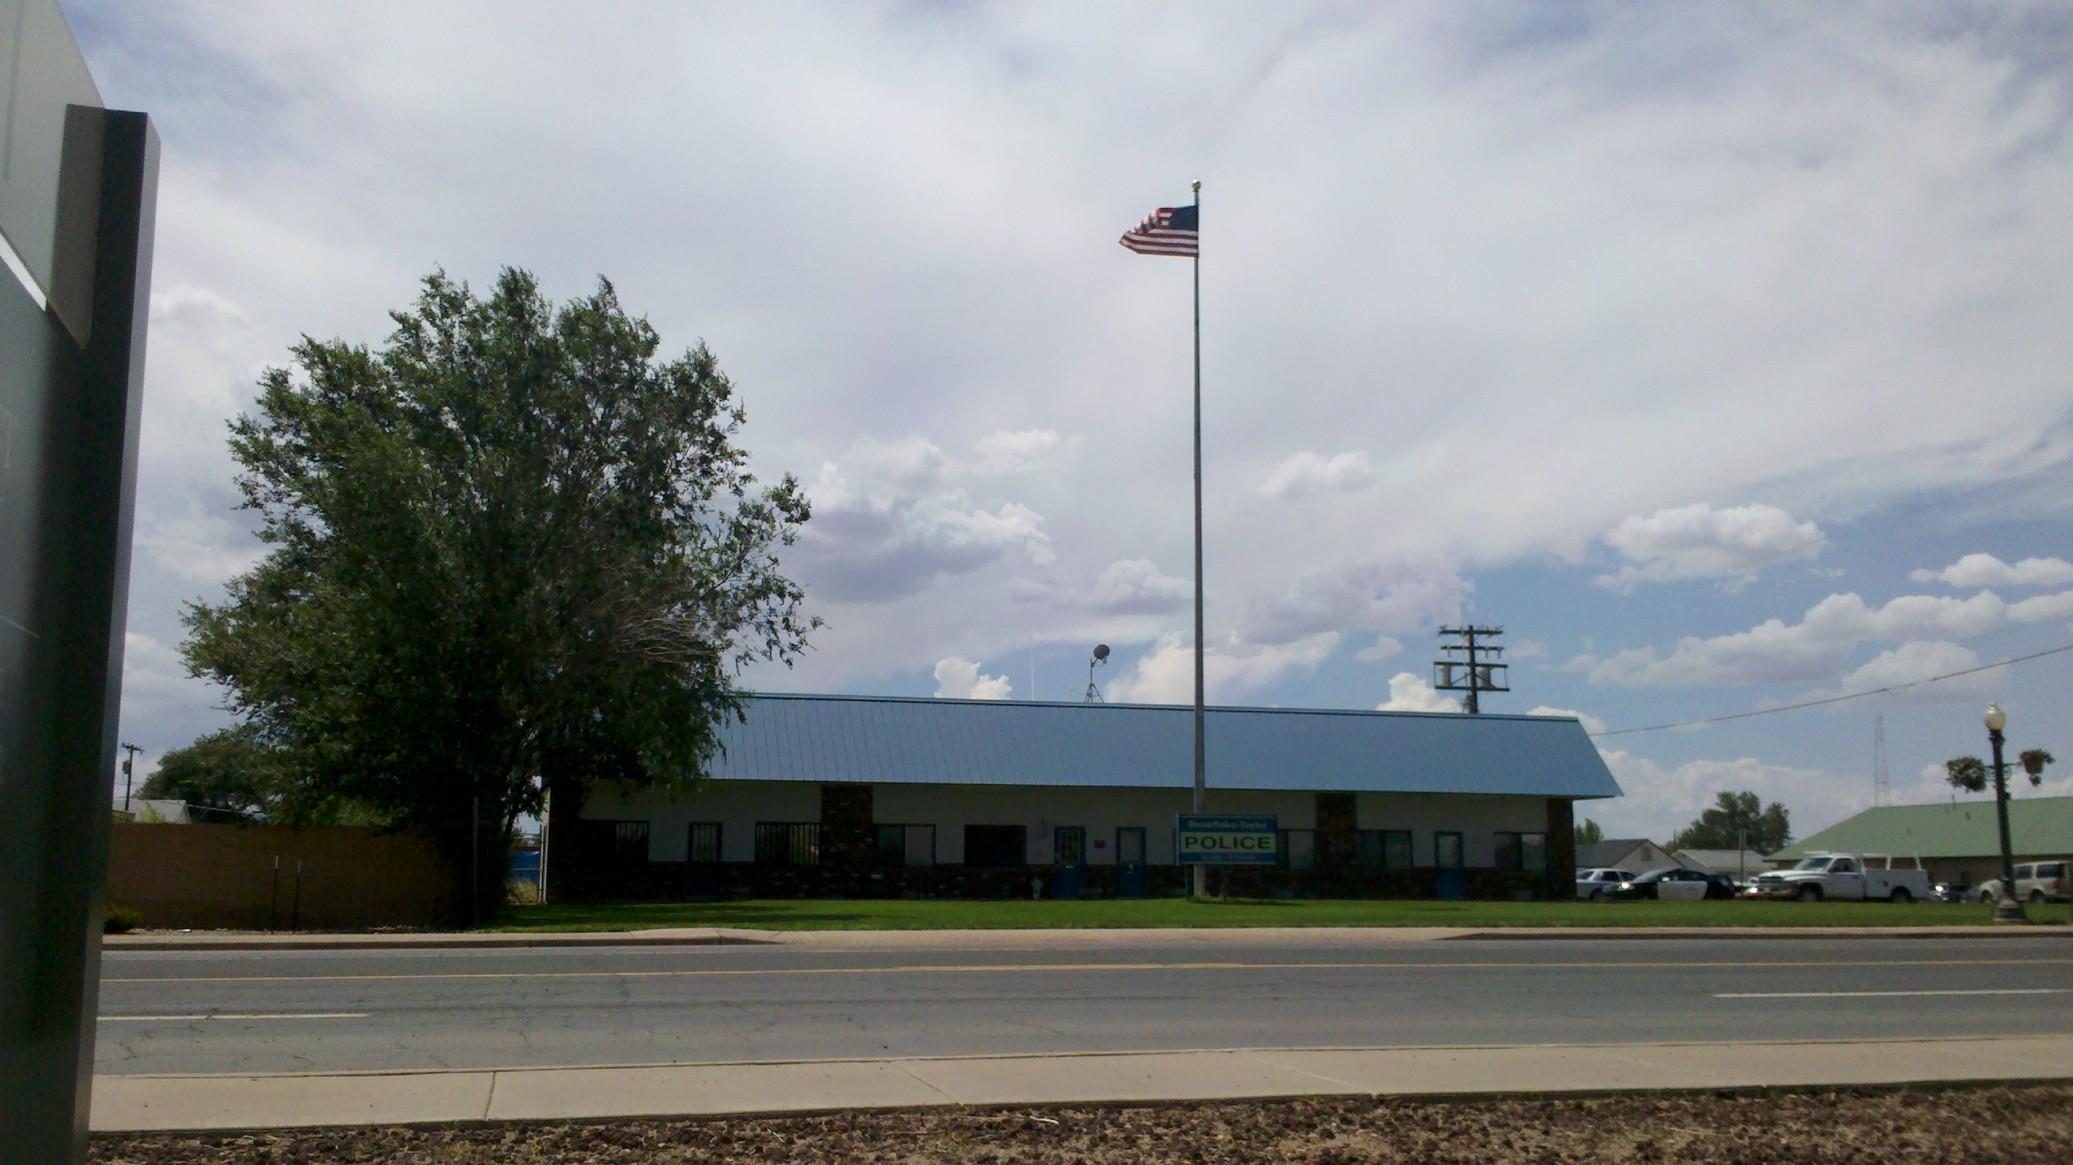 Police Department - Town of Snowflake, Arizona